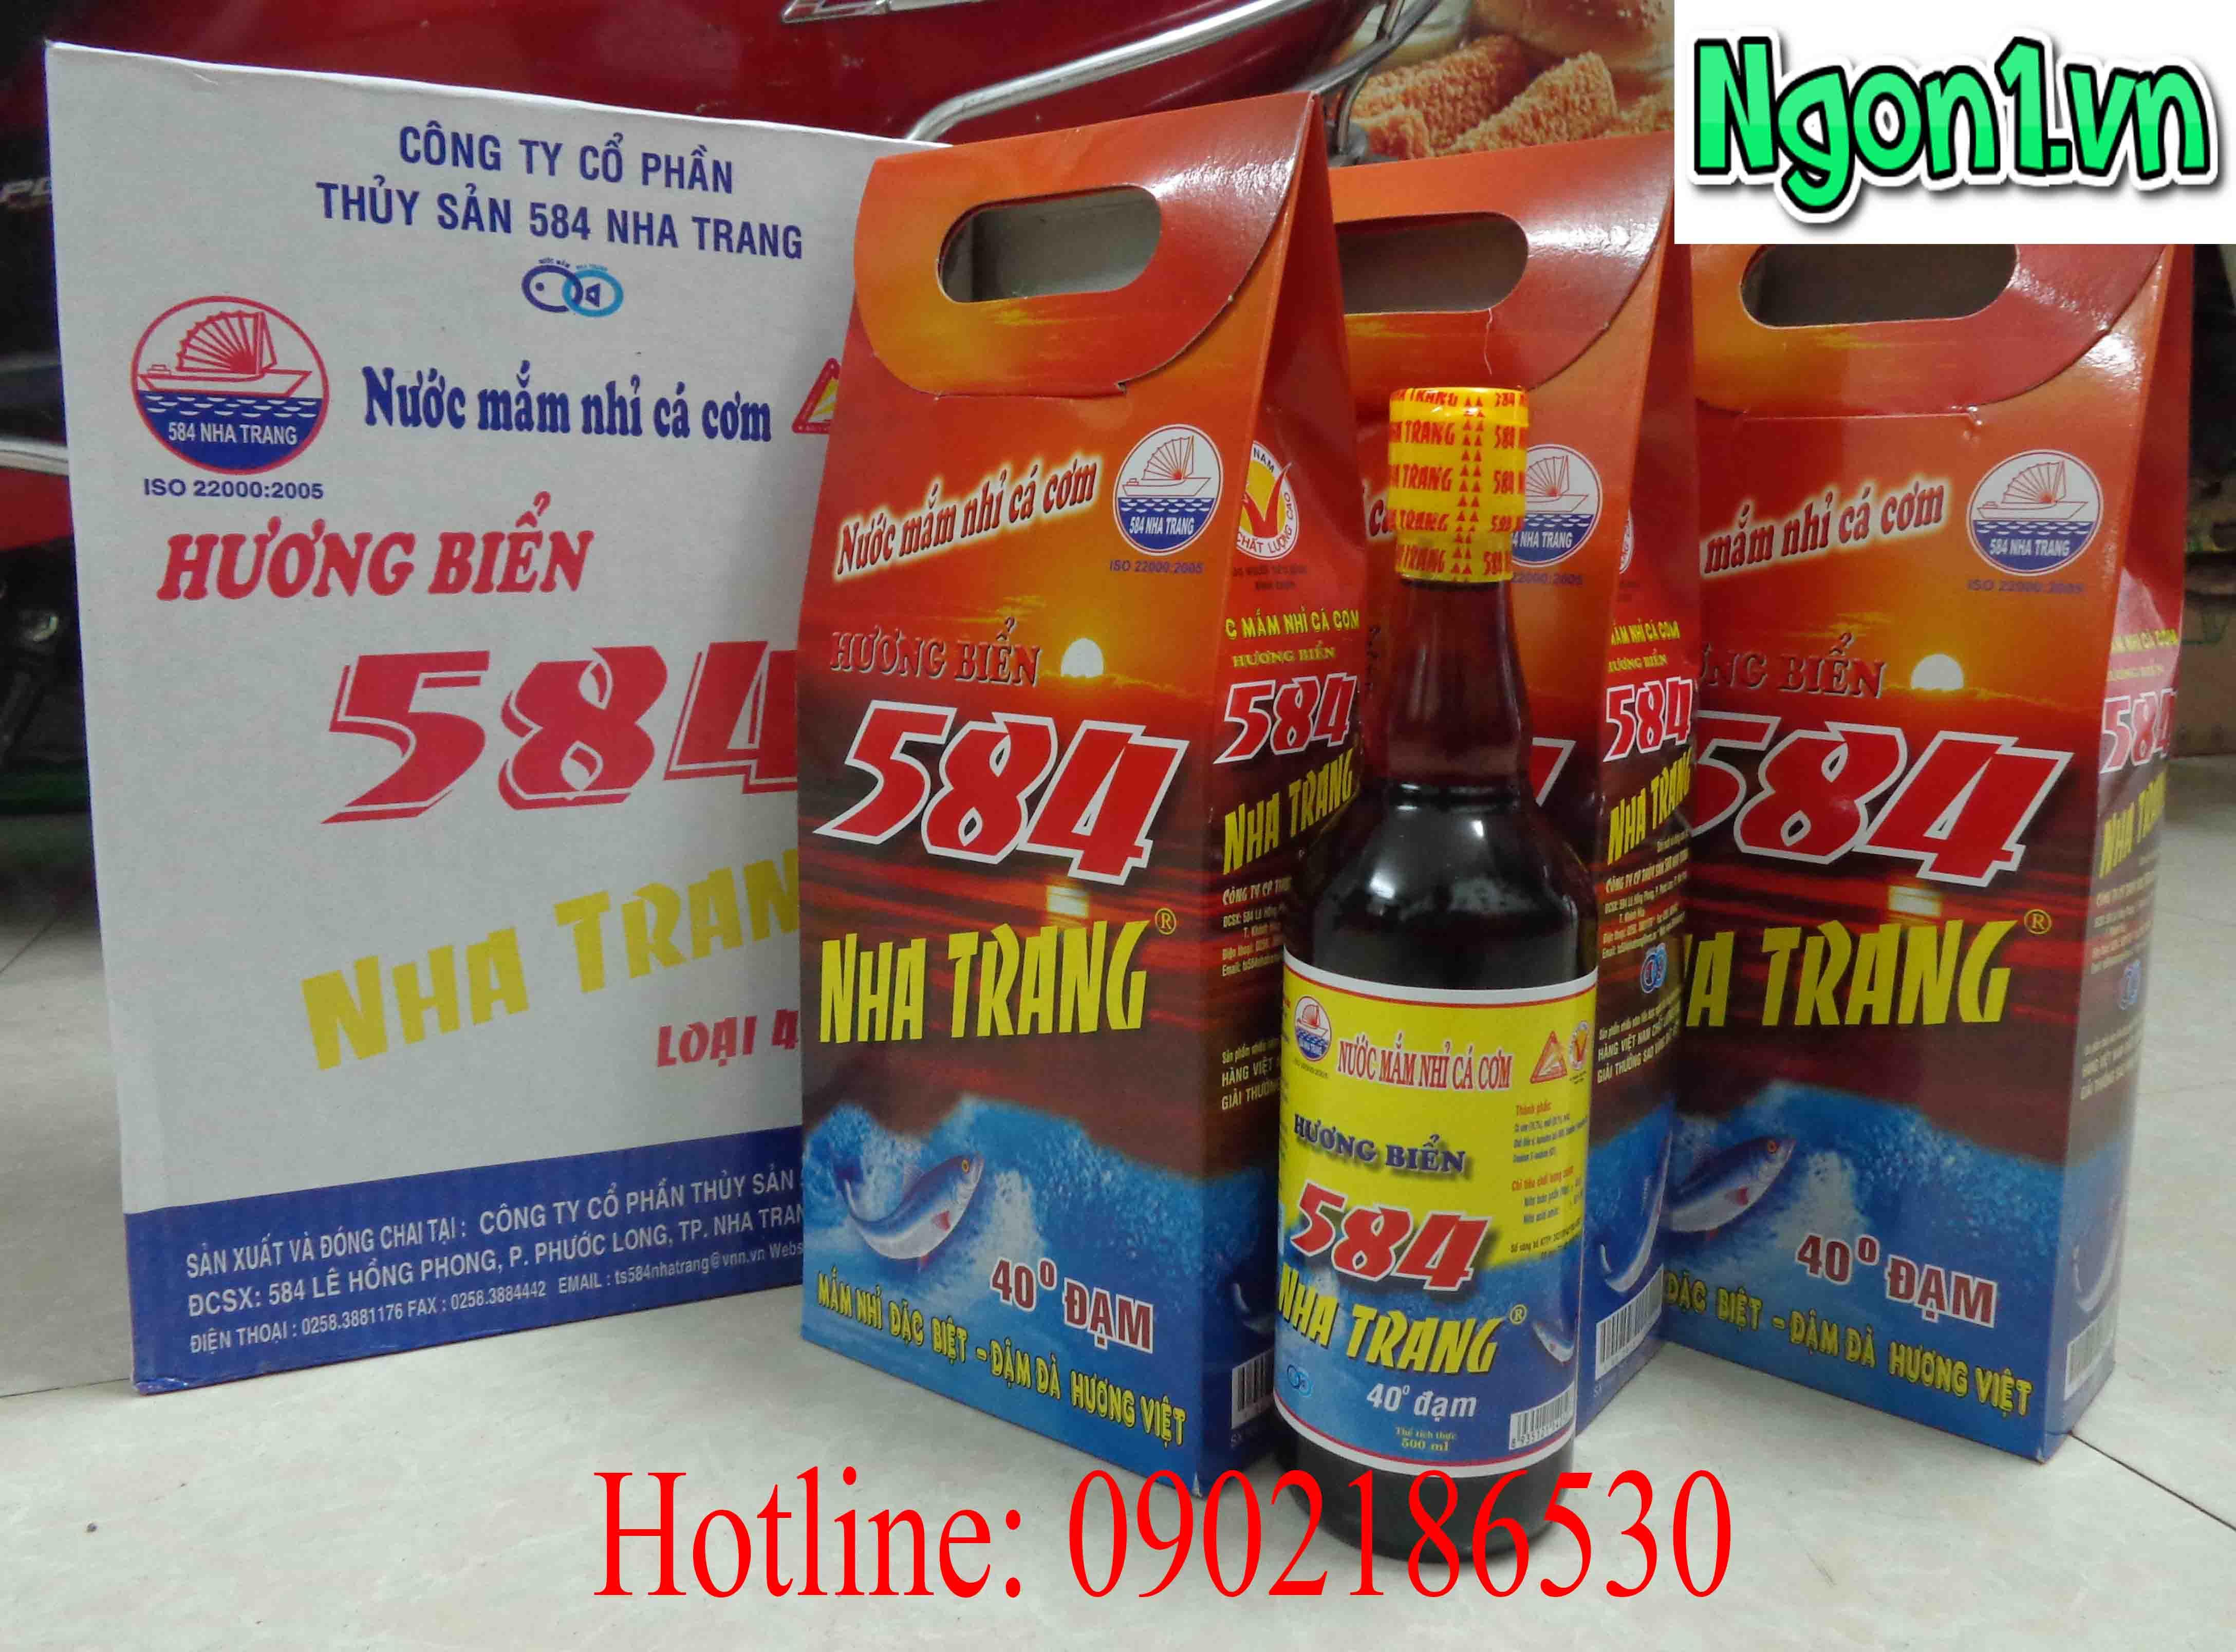 Nước mắm 584 Nha Trang 40 độ đạm (6 chai thủy tinh 500ml/thùng)